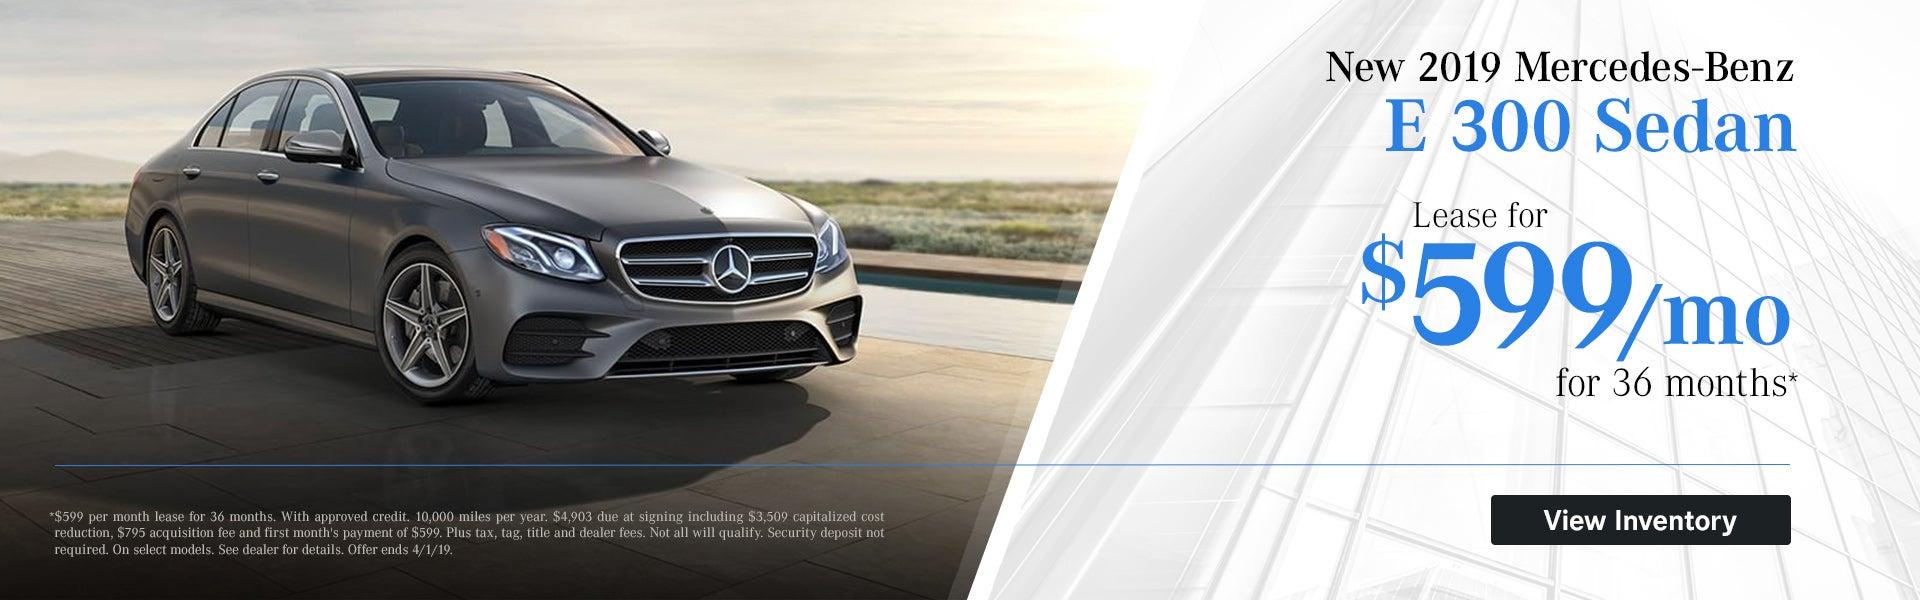 Car Dealerships In Anderson Sc >> Greenville SC Mercedes-Benz Dealer | Serving Spartanburg ...